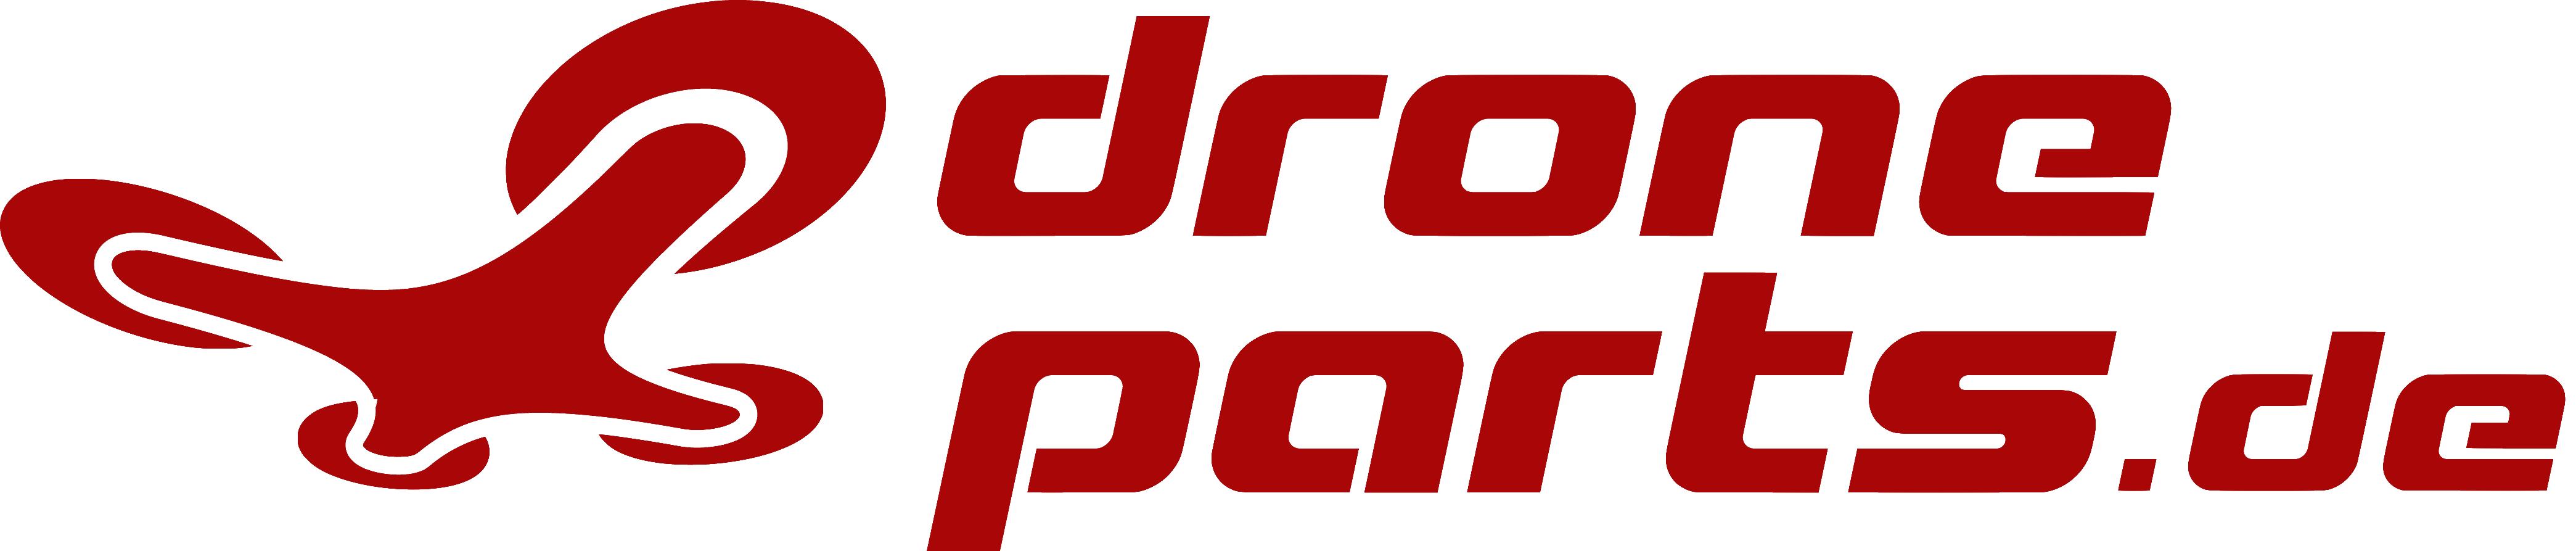 Droneparts.de_Logo.png